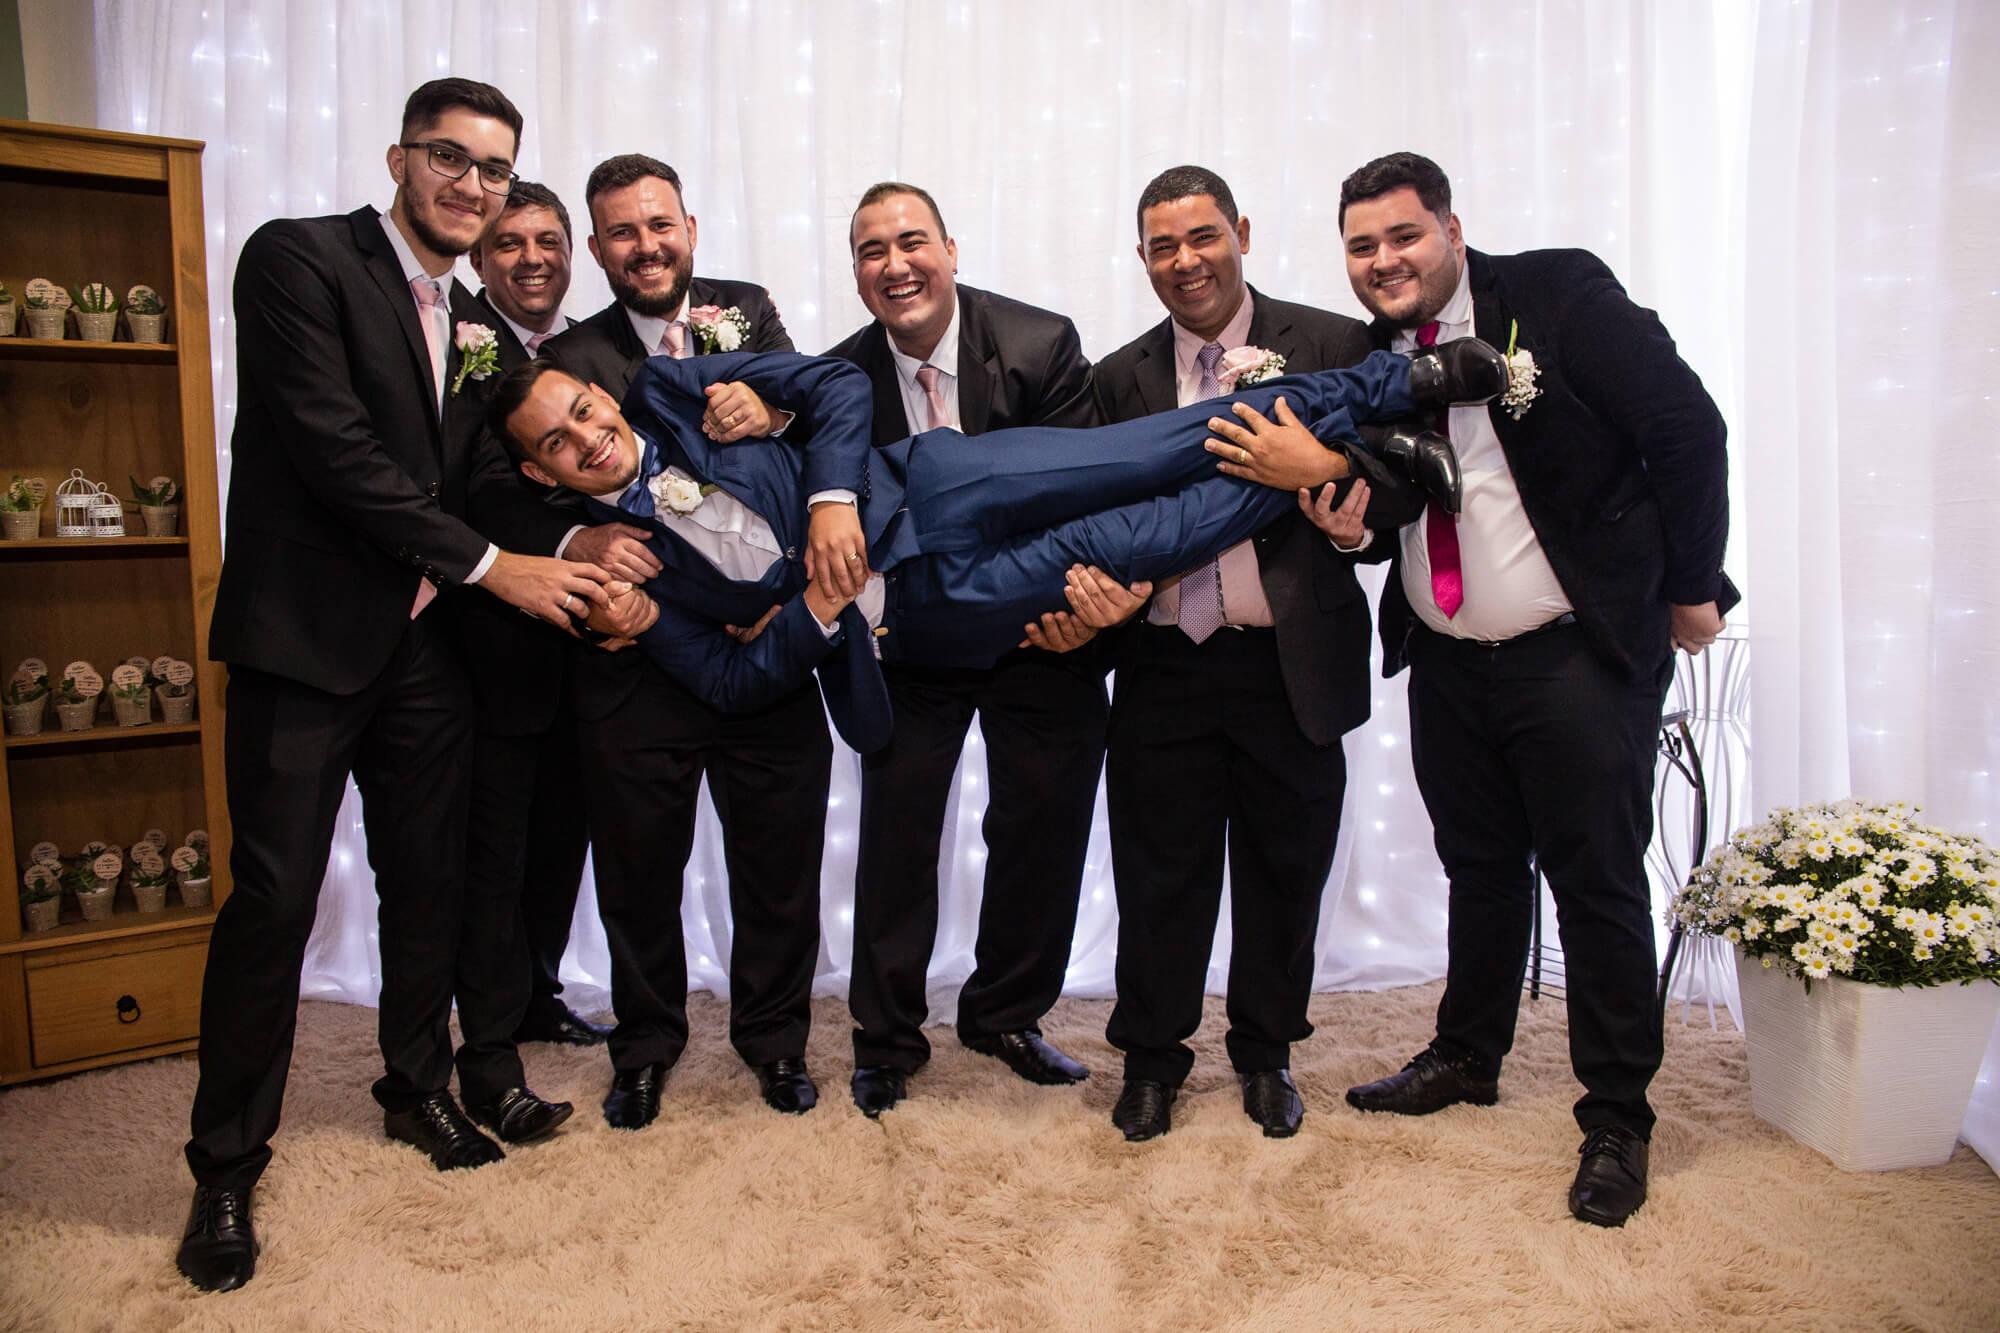 Padrinhos com os noivos